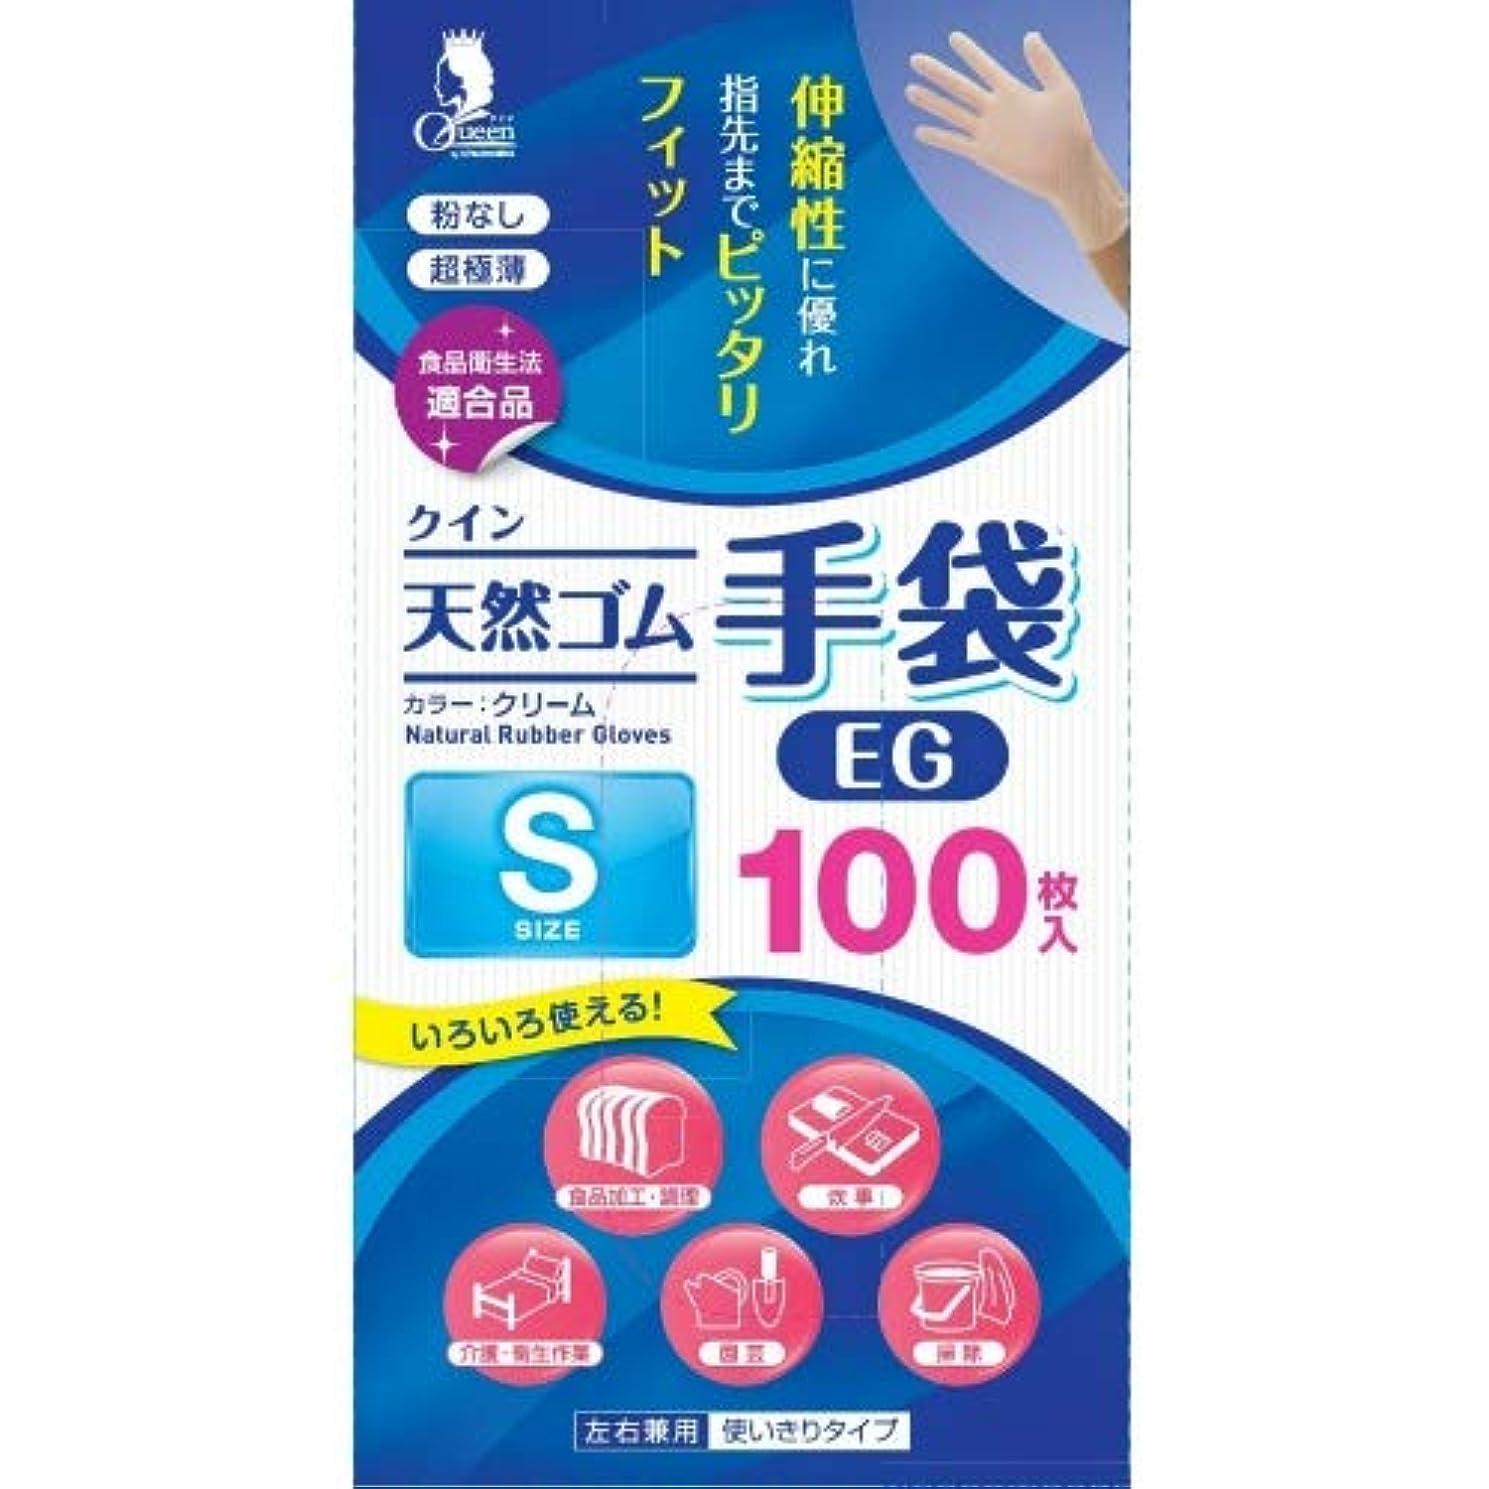 プロット非行行宇都宮製作 クイン 天然ゴム手袋 EG 粉なし 100枚入 Sサイズ